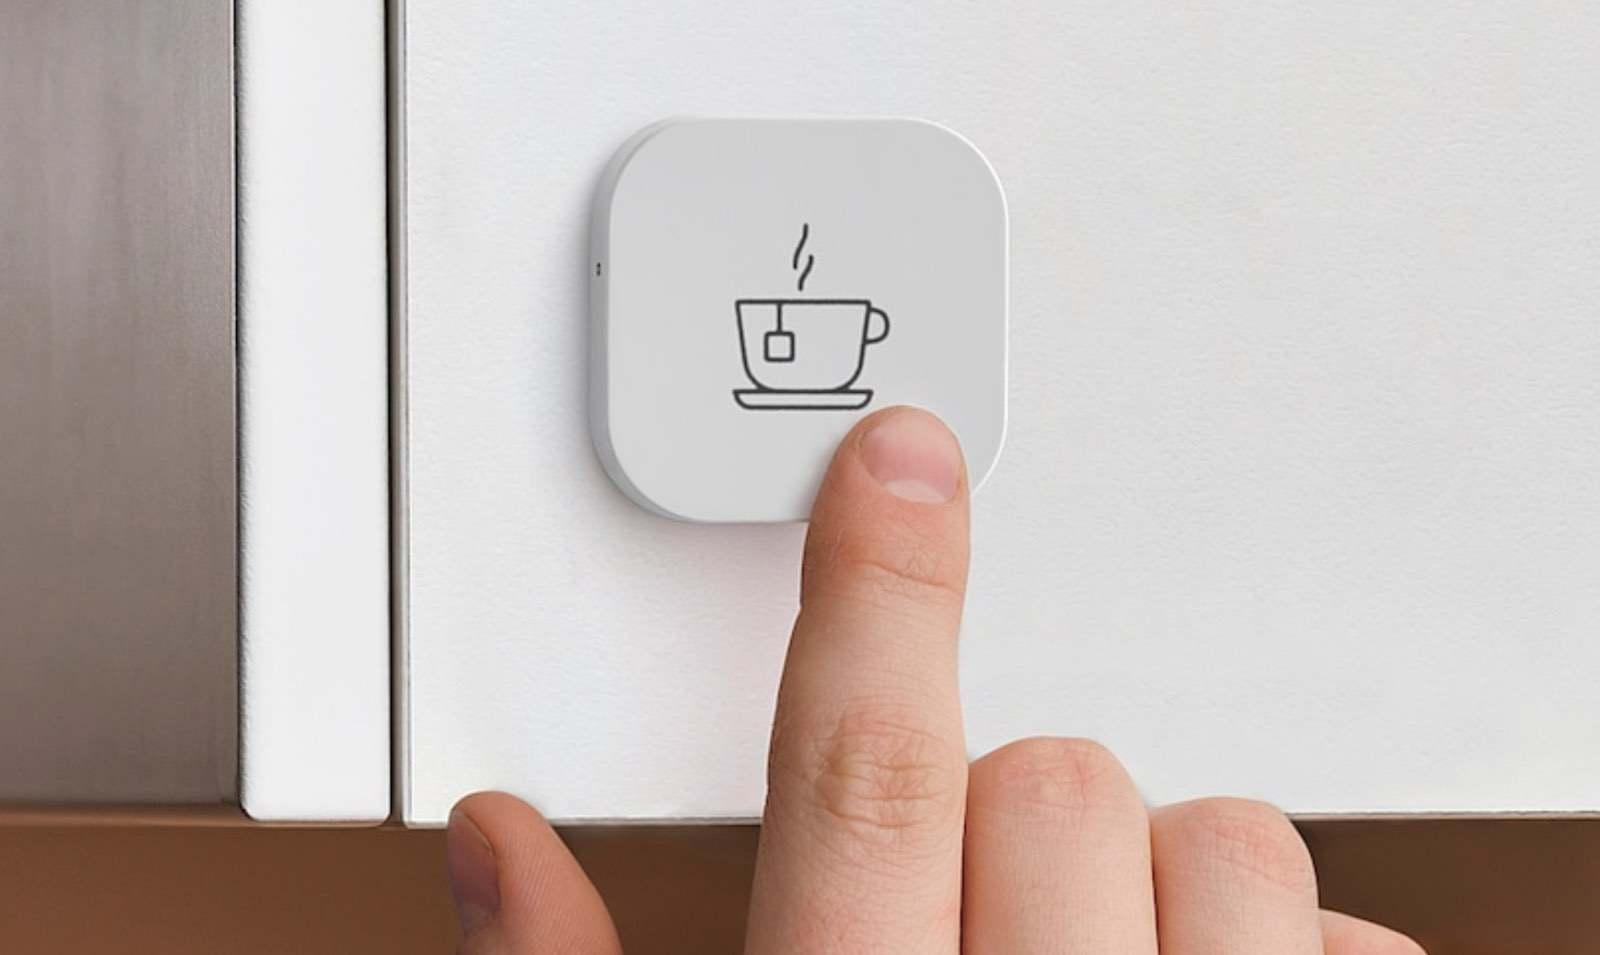 IKEA Shortcut-Schalter: Tradfri Snelkoppelknop bald auch in der Schweiz